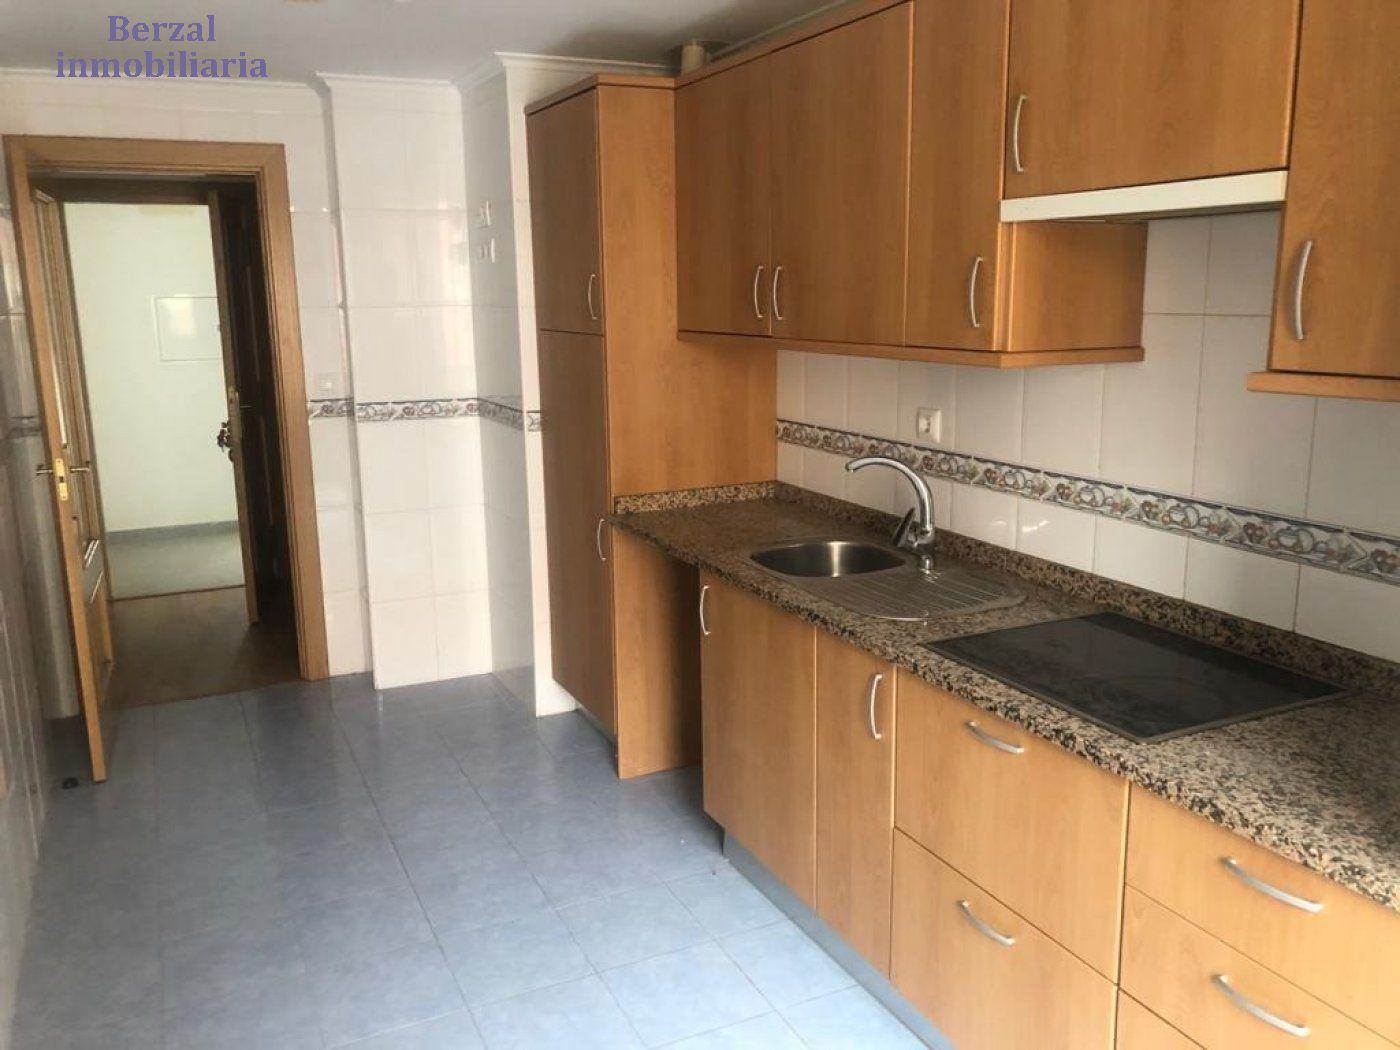 Apartamento, Zona colegio, Venta - La Rioja (La Rioja)